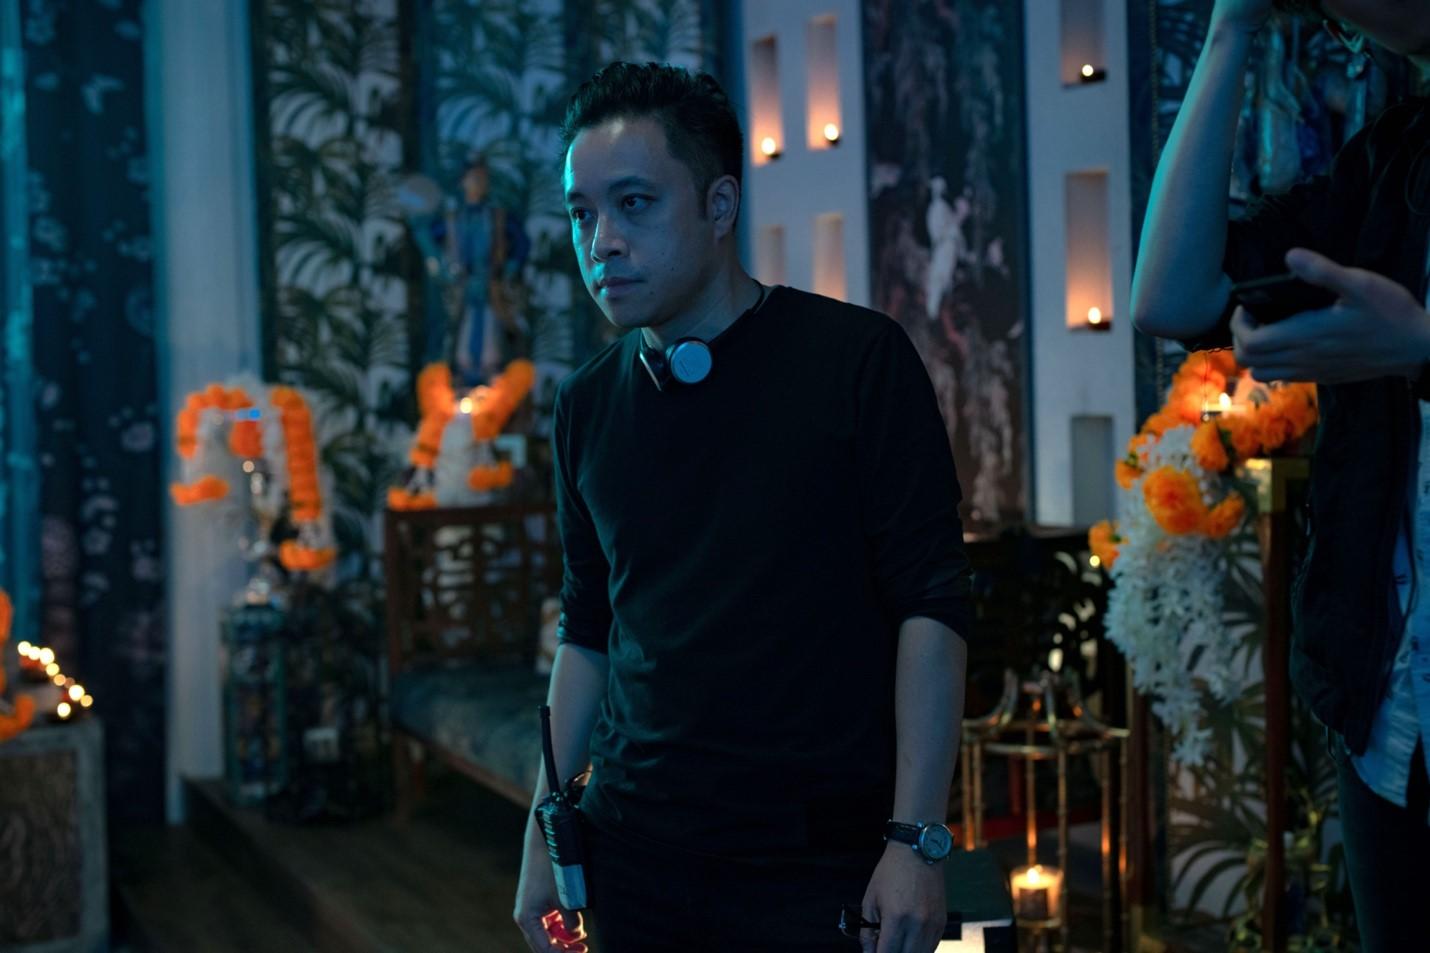 Đạo diễn Victor Vũ trở lại với thể loại kịch tính, giật gân quen thuộc của mình